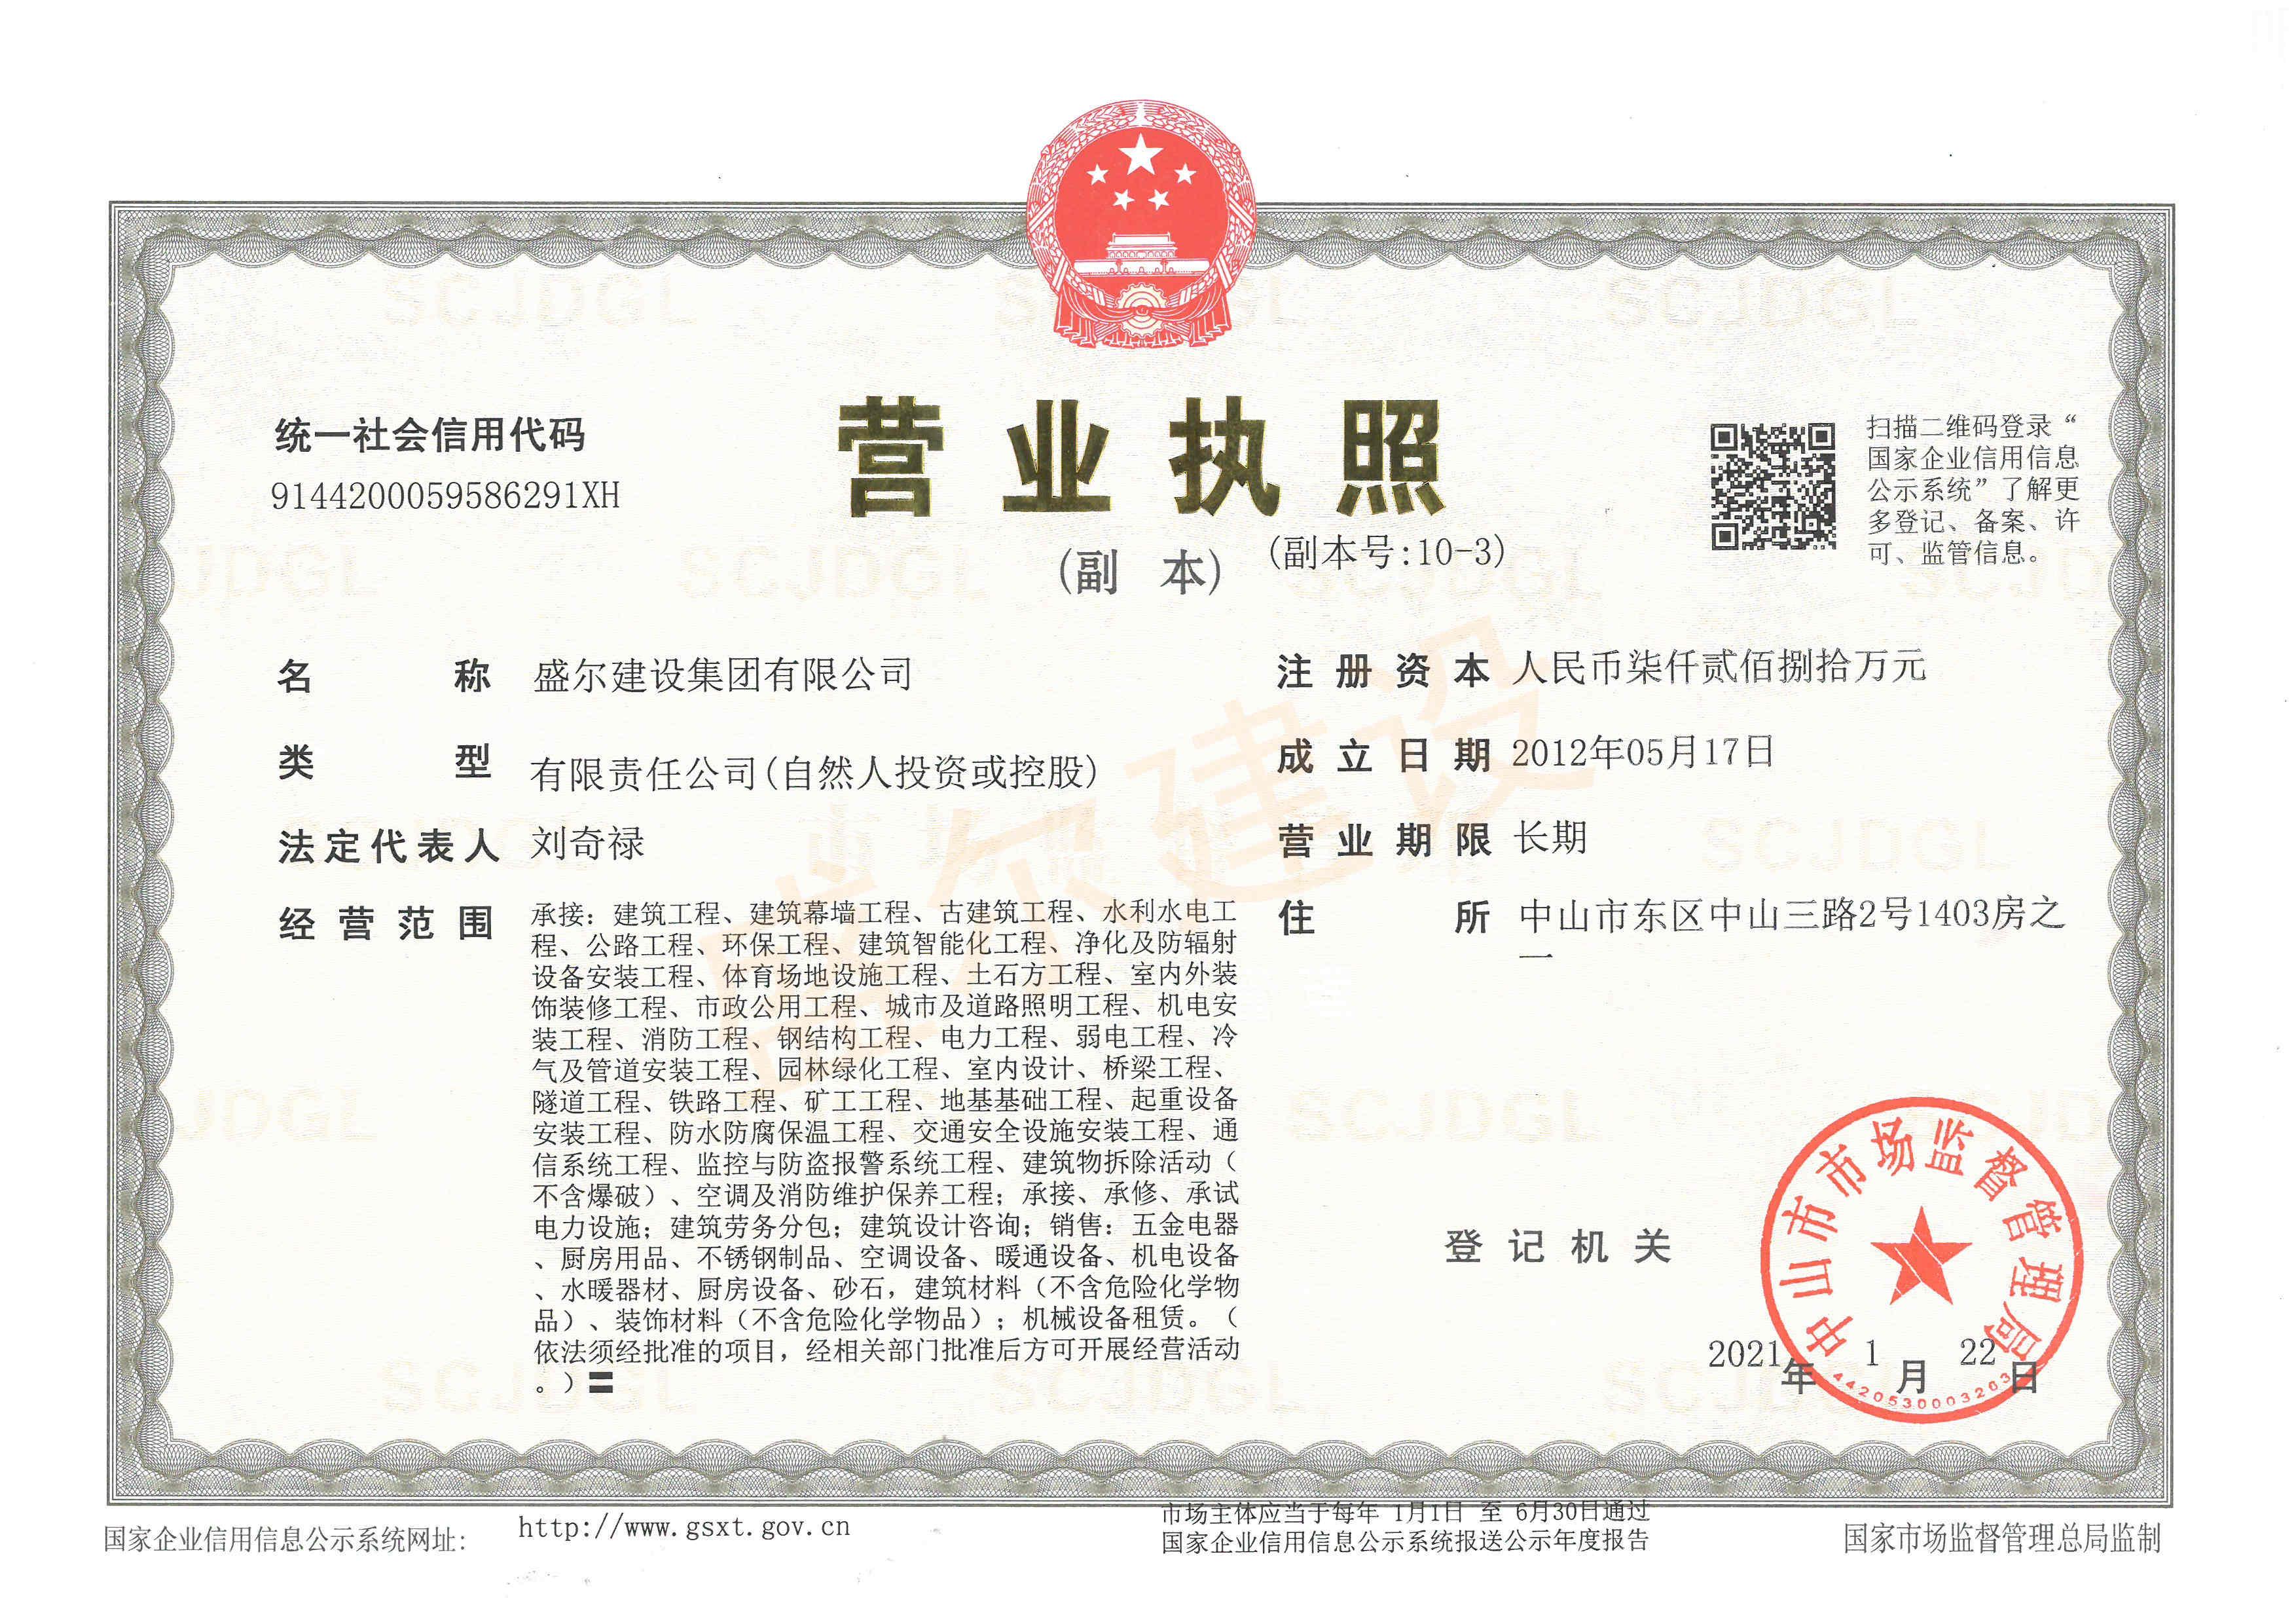 2021-02营业执照副-2_副本